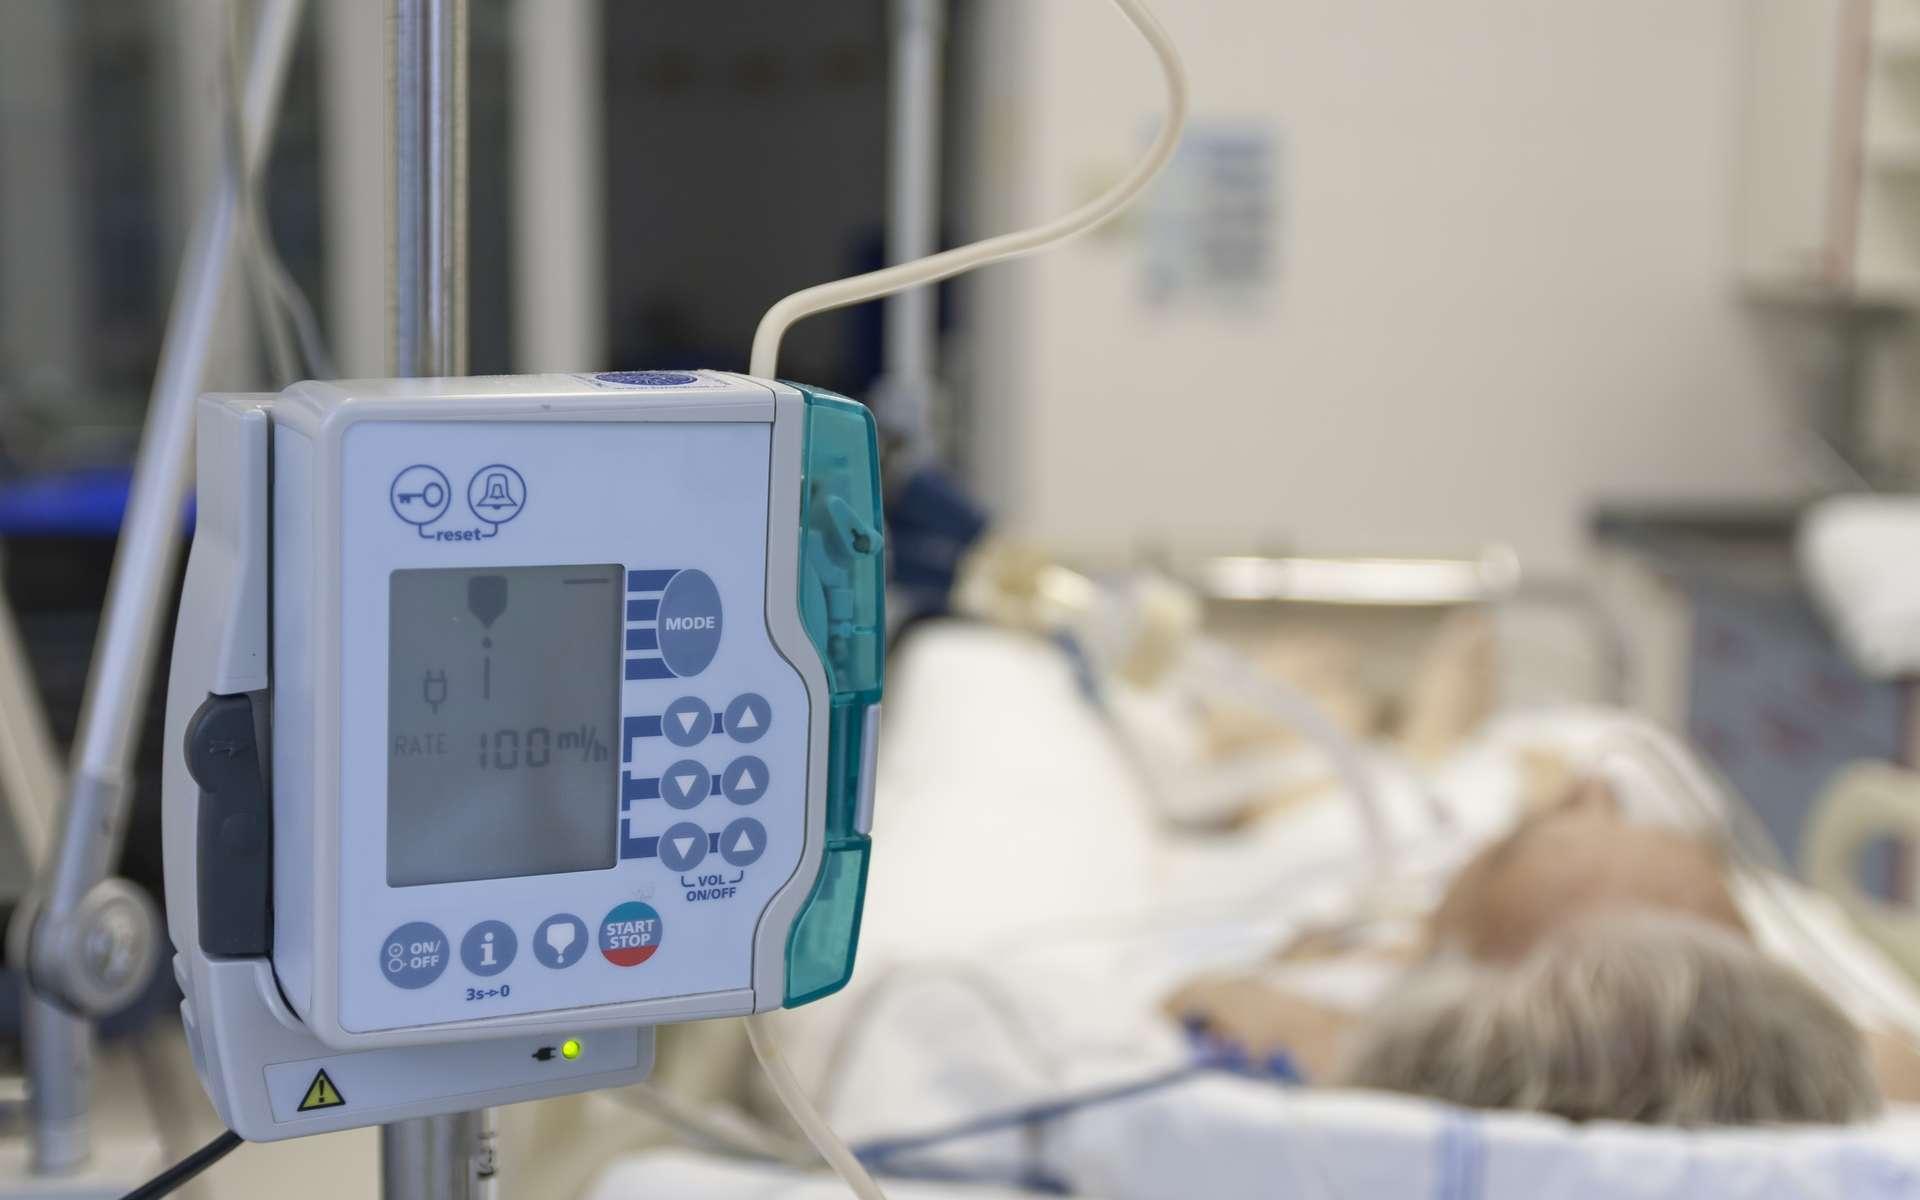 Un premier cas de réinfection grave par le variant sud-africain du coronavirus inquiète - Futura